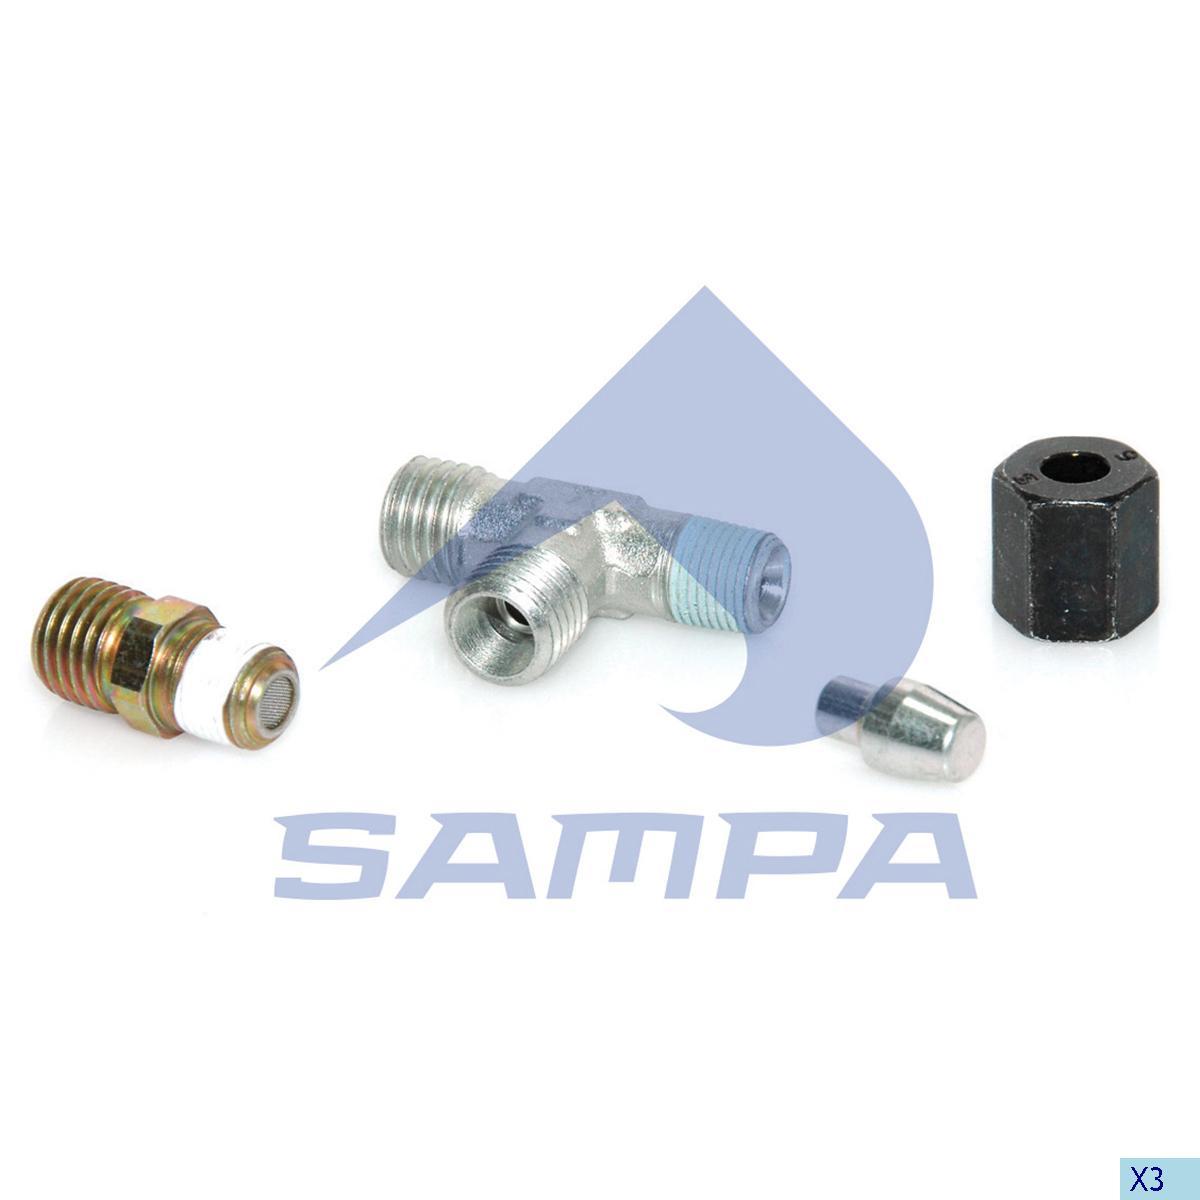 Repair Kit, Cab Tilt, R.V.I., Cab